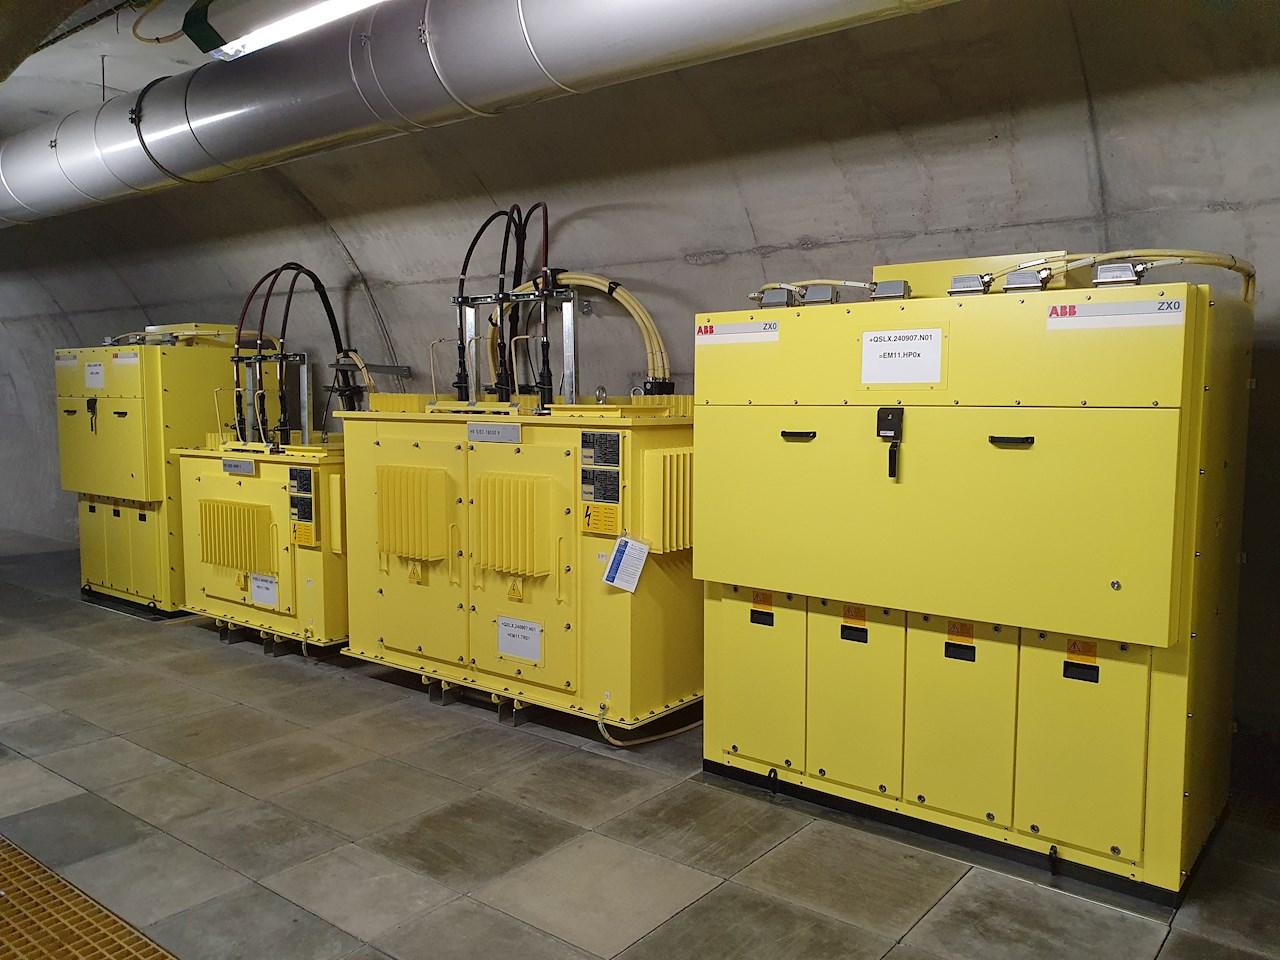 ABB sistemi di alimentazione elettrica nel tunnel di base del Ceneri (© Cablex)